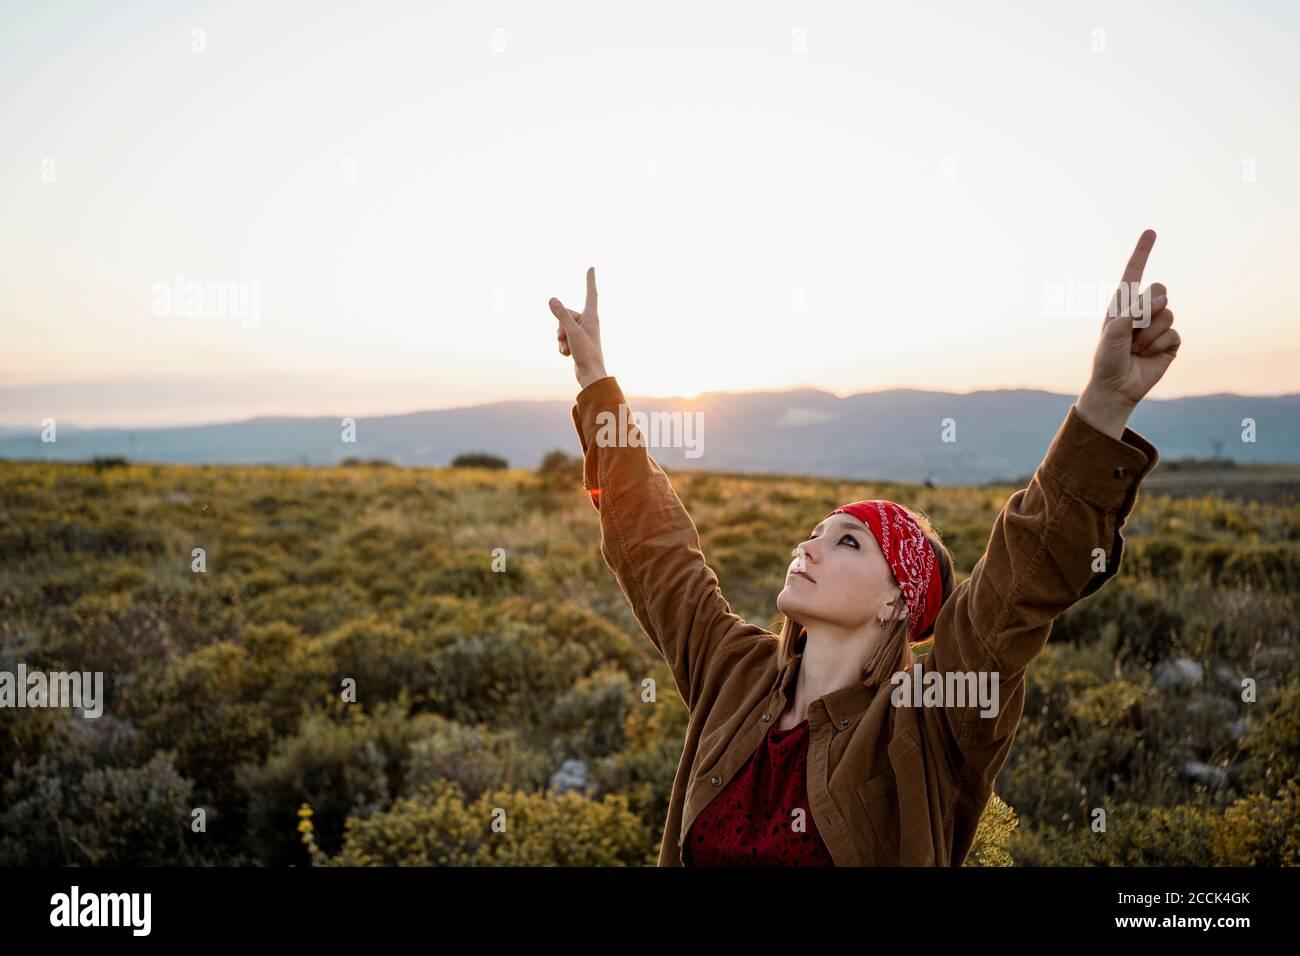 Femme aux bras levés dans la campagne regardant vers le haut Banque D'Images